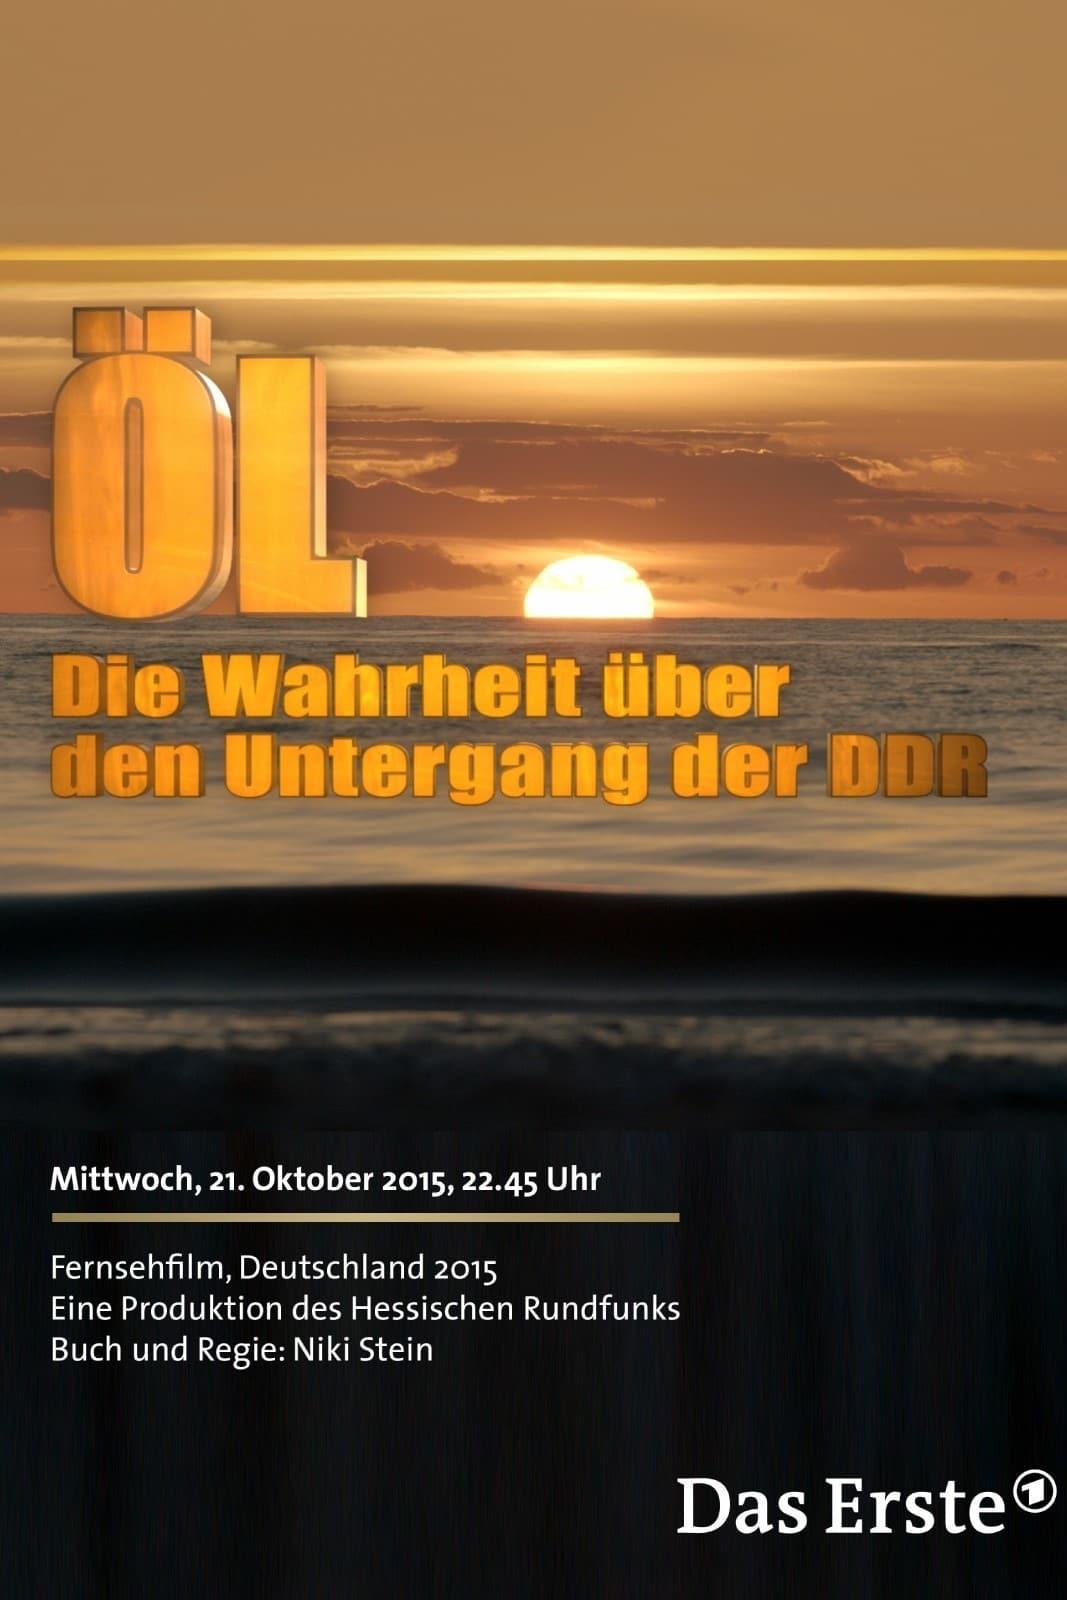 Öl - Die Wahrheit über den Untergang der DDR